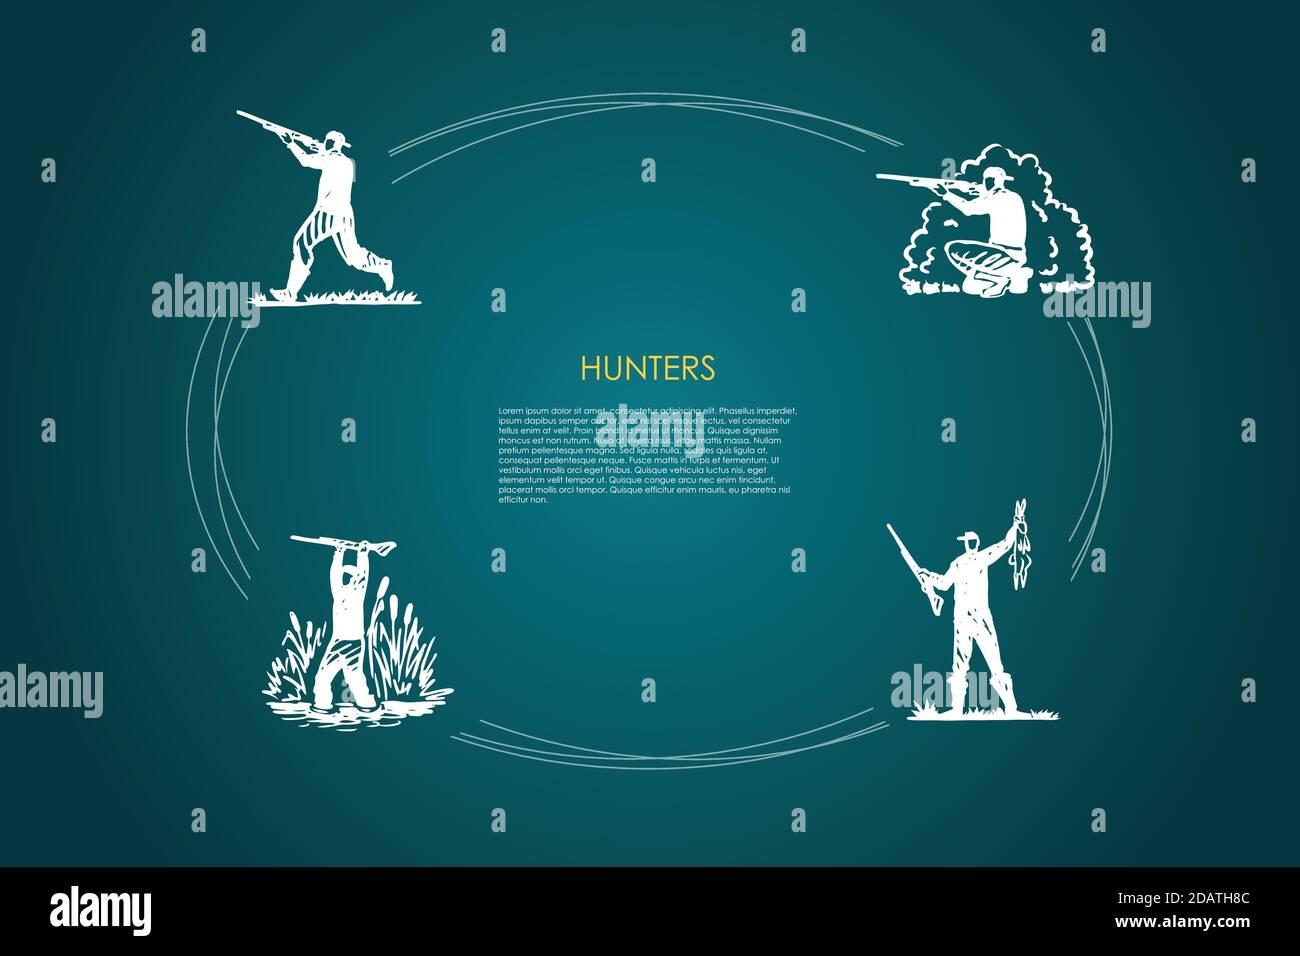 Hunters - hombres con disparos de armas en el bosque y pantano, sosteniendo el juego de conceptos de vectores de conejo matado Ilustración del Vector